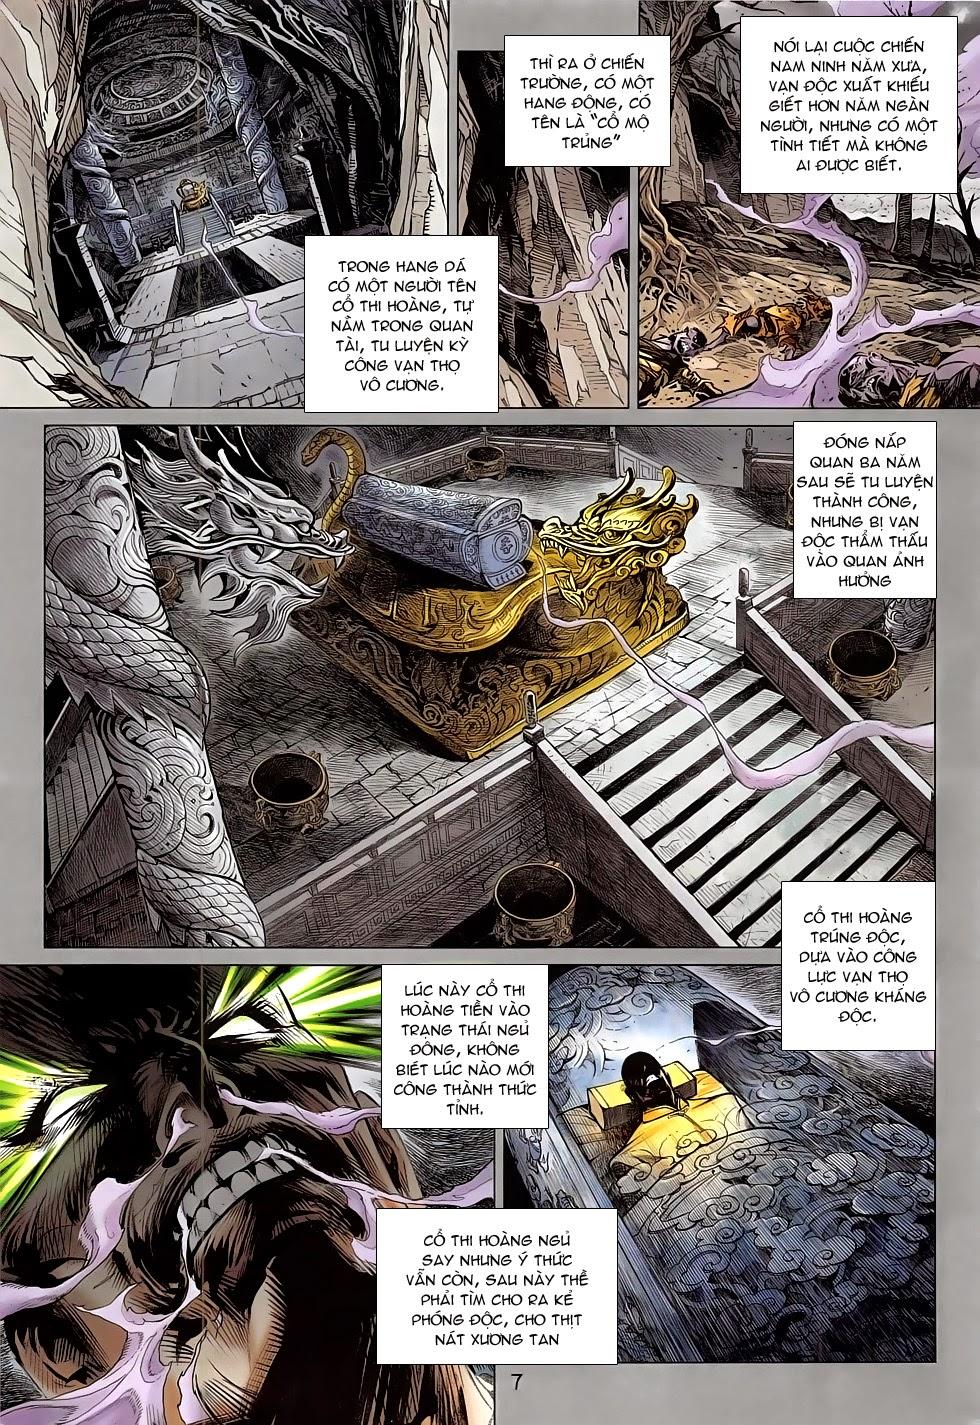 Tân Tác Long Hổ Môn chap 783 Trang 7 - Mangak.info